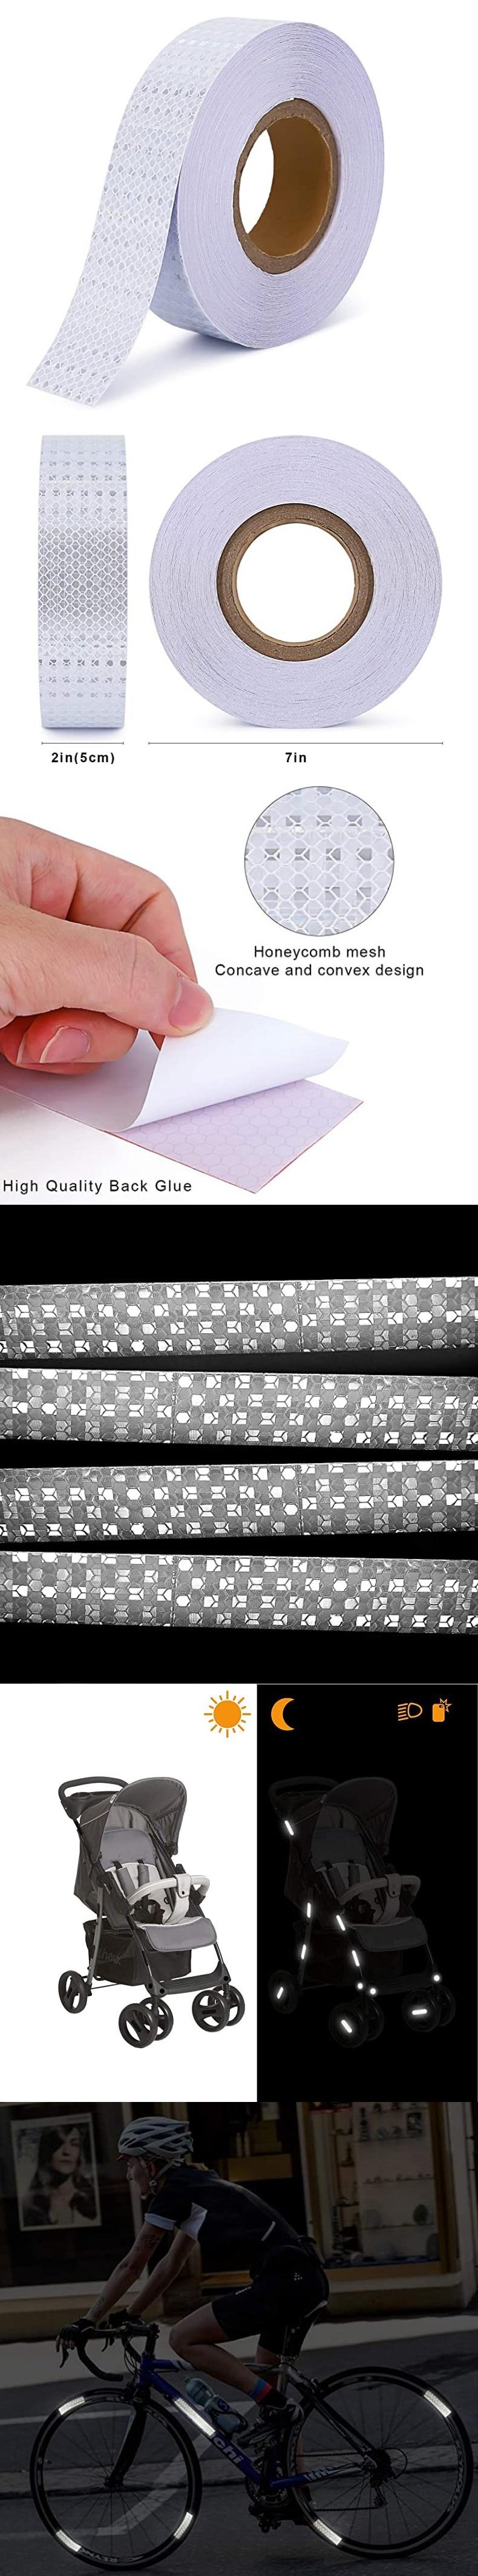 Высокое качество самоклеющиеся Стикеры автомобиль дорожный светоотражающая